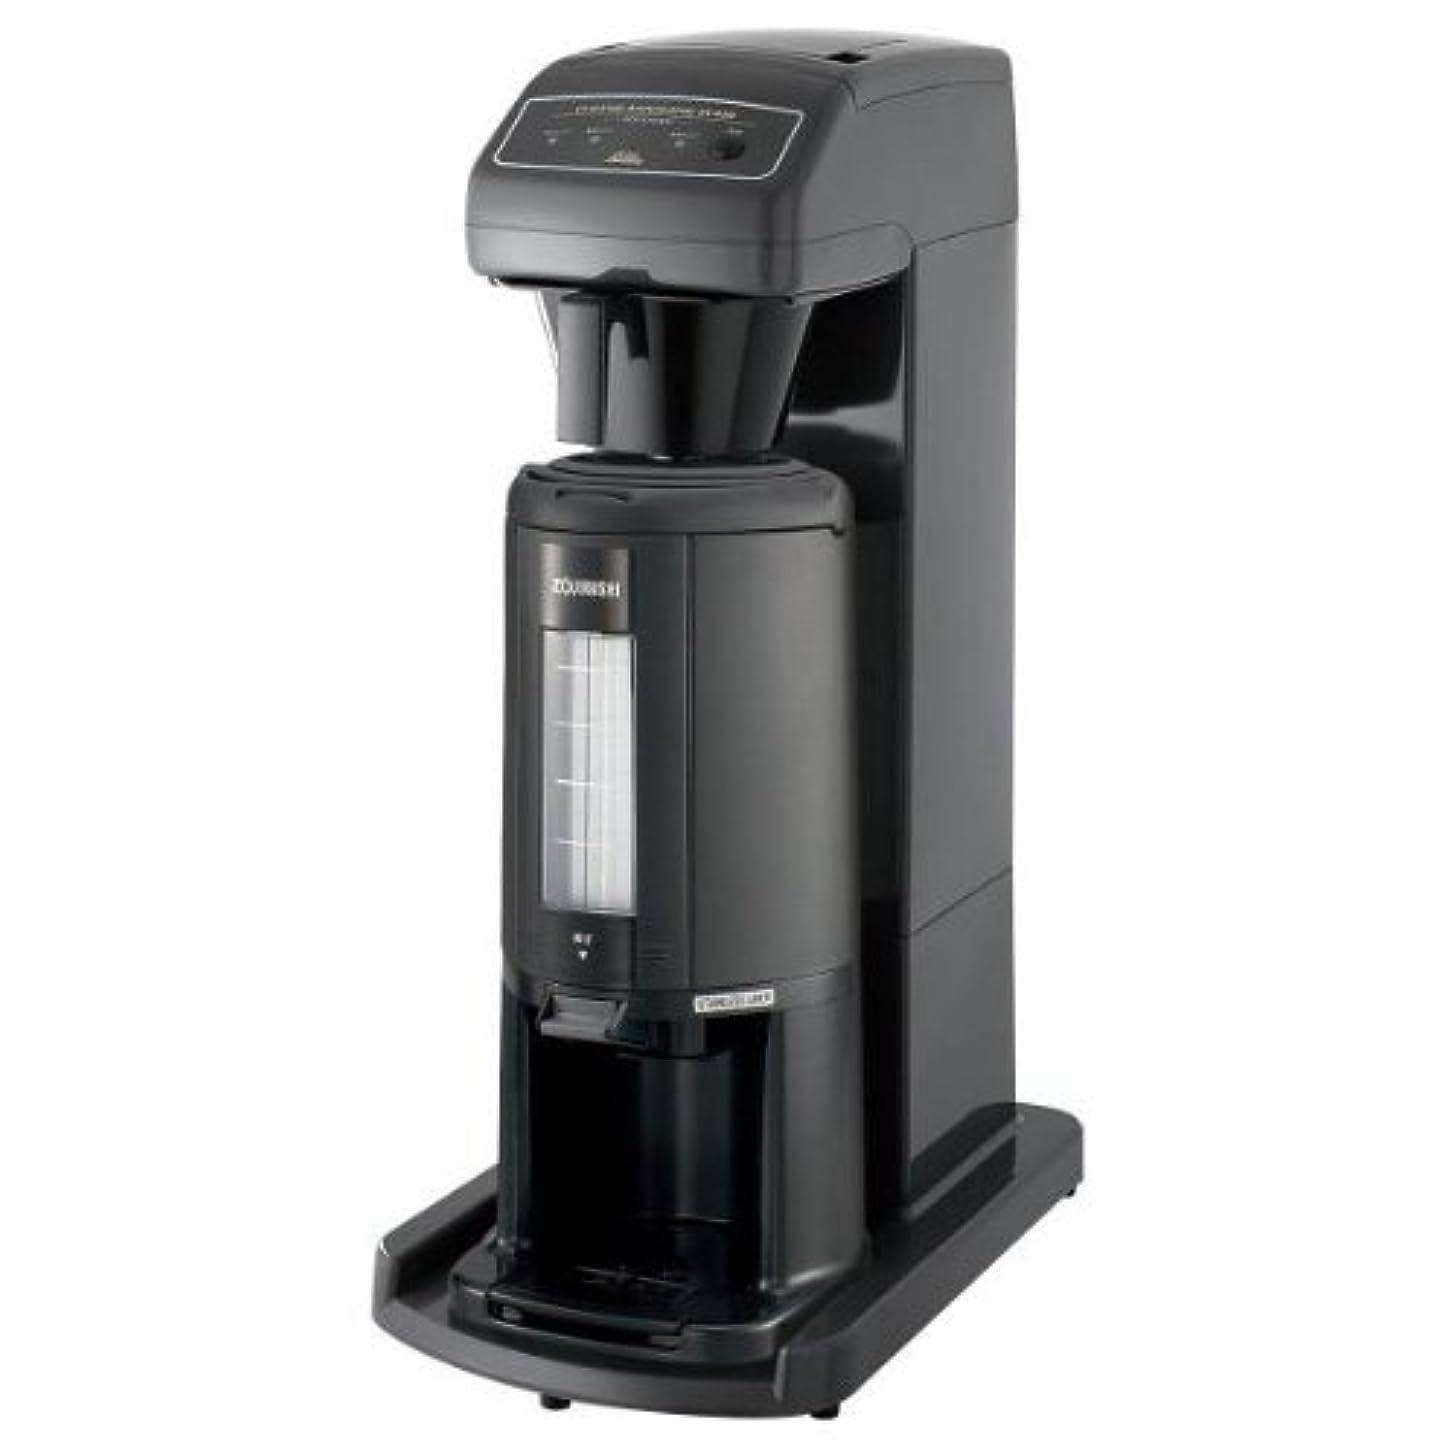 風味つぶやき巨大カリタ 業務用コーヒーマシン ET-450N